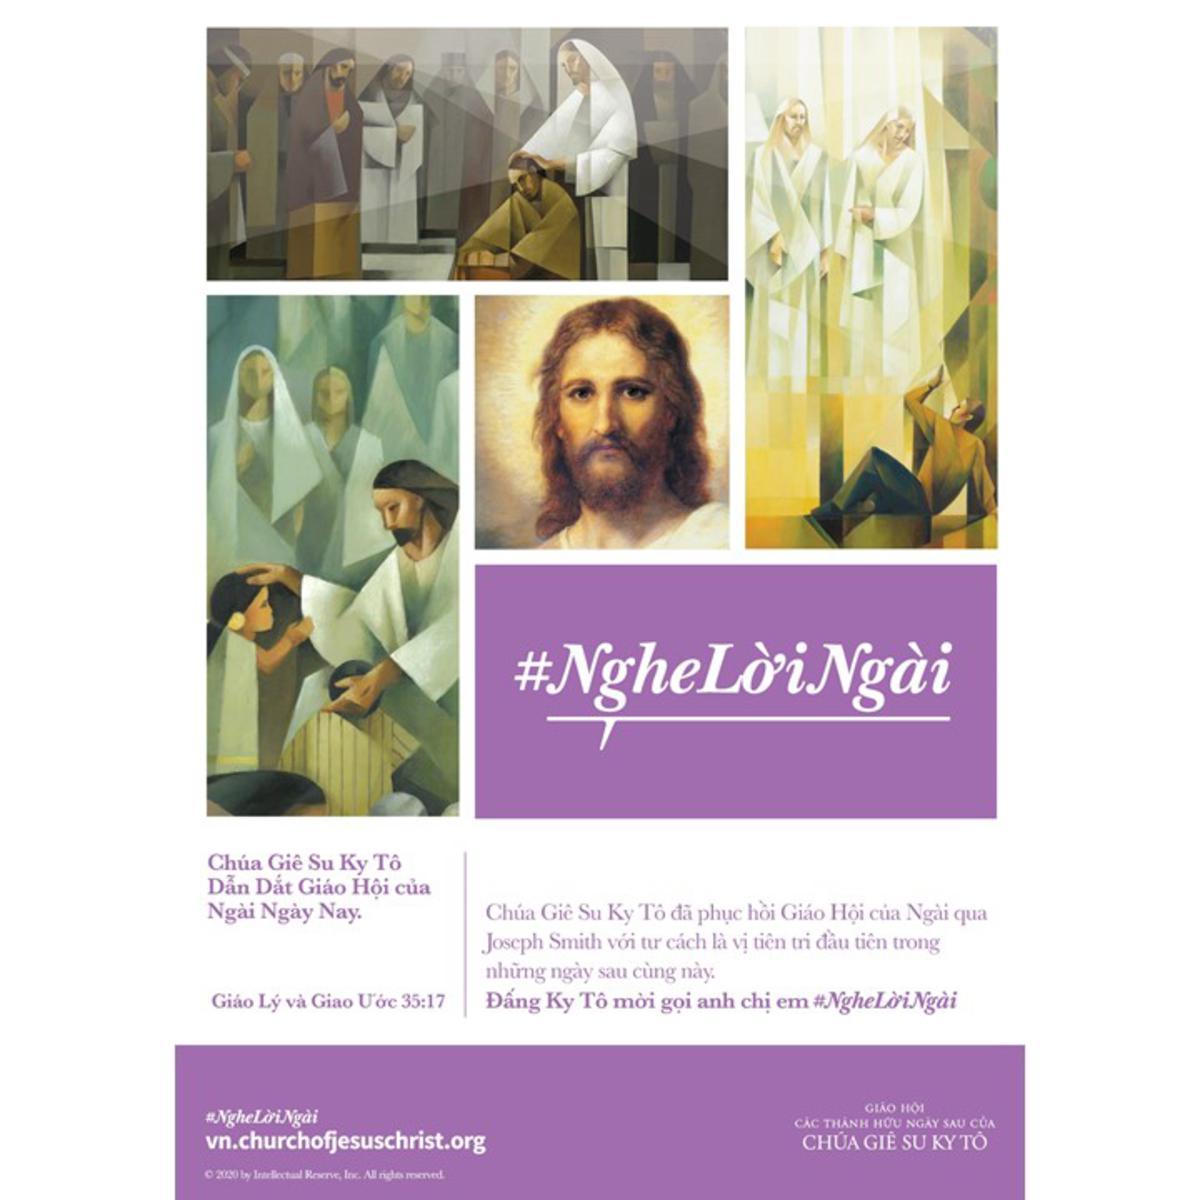 Chúa Giê Su Ky Tô Dẫn Dắt Giáo Hội của Ngài Ngày Nay